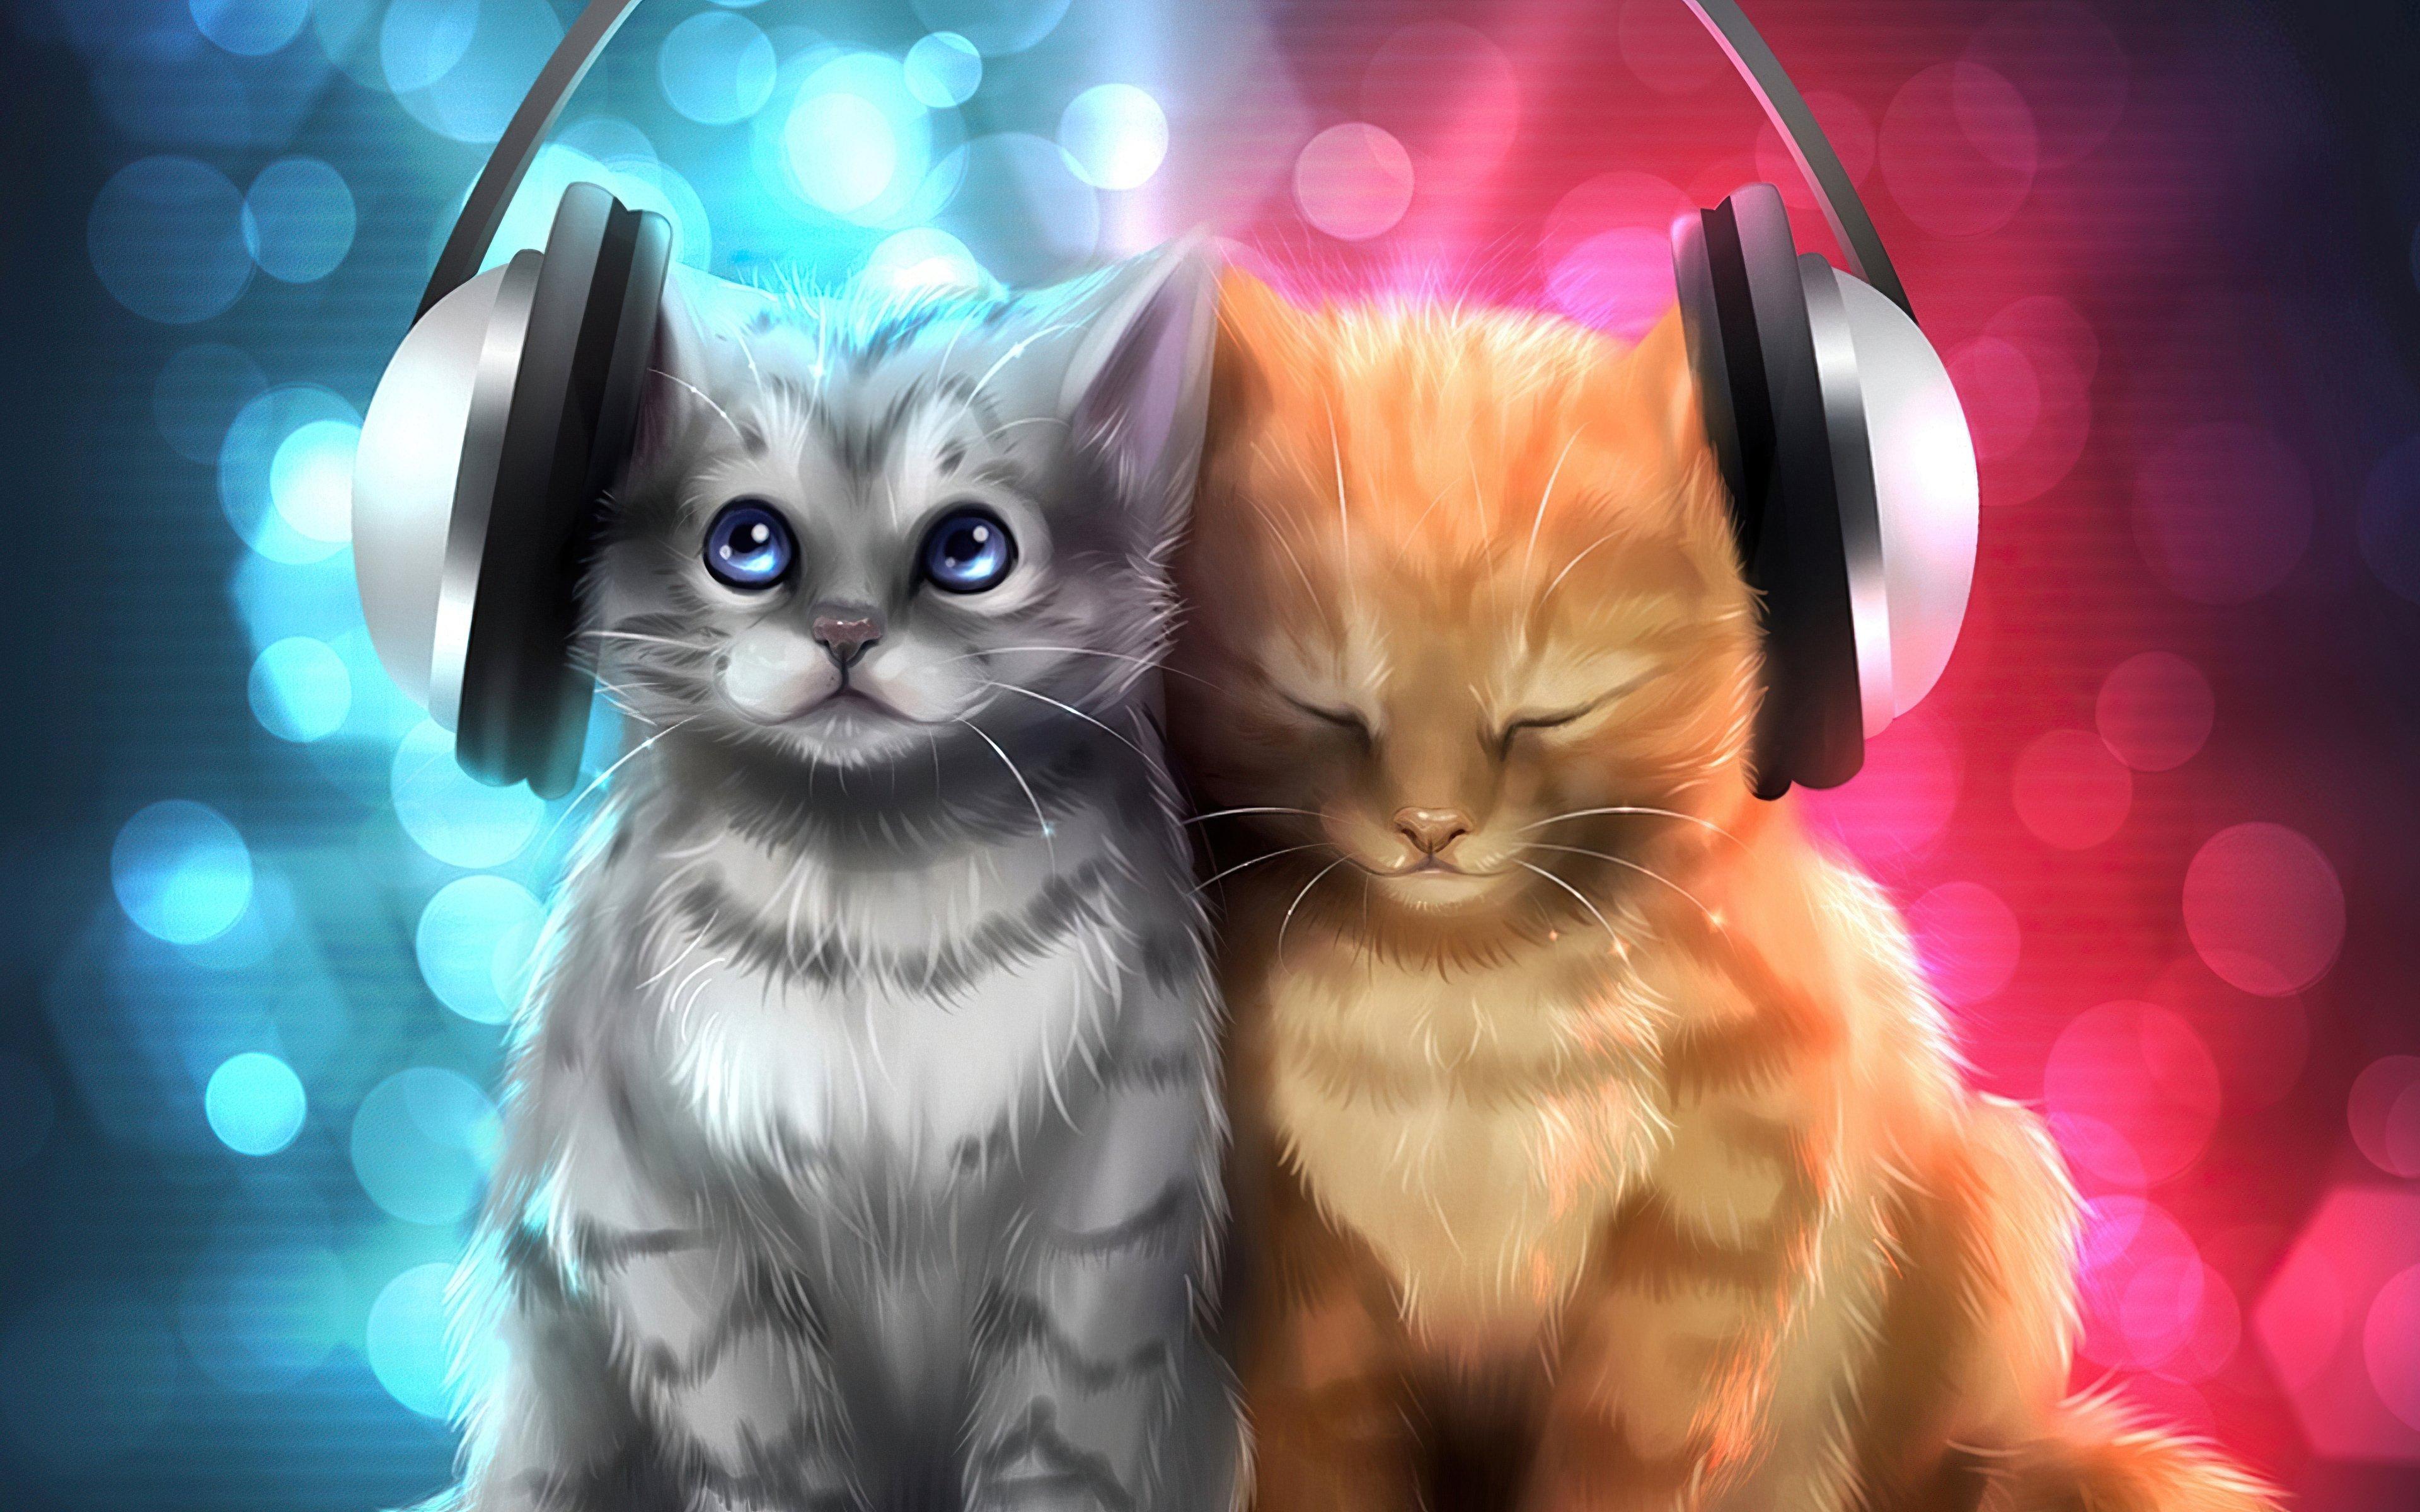 Fondos de pantalla Gatitos escuchando música